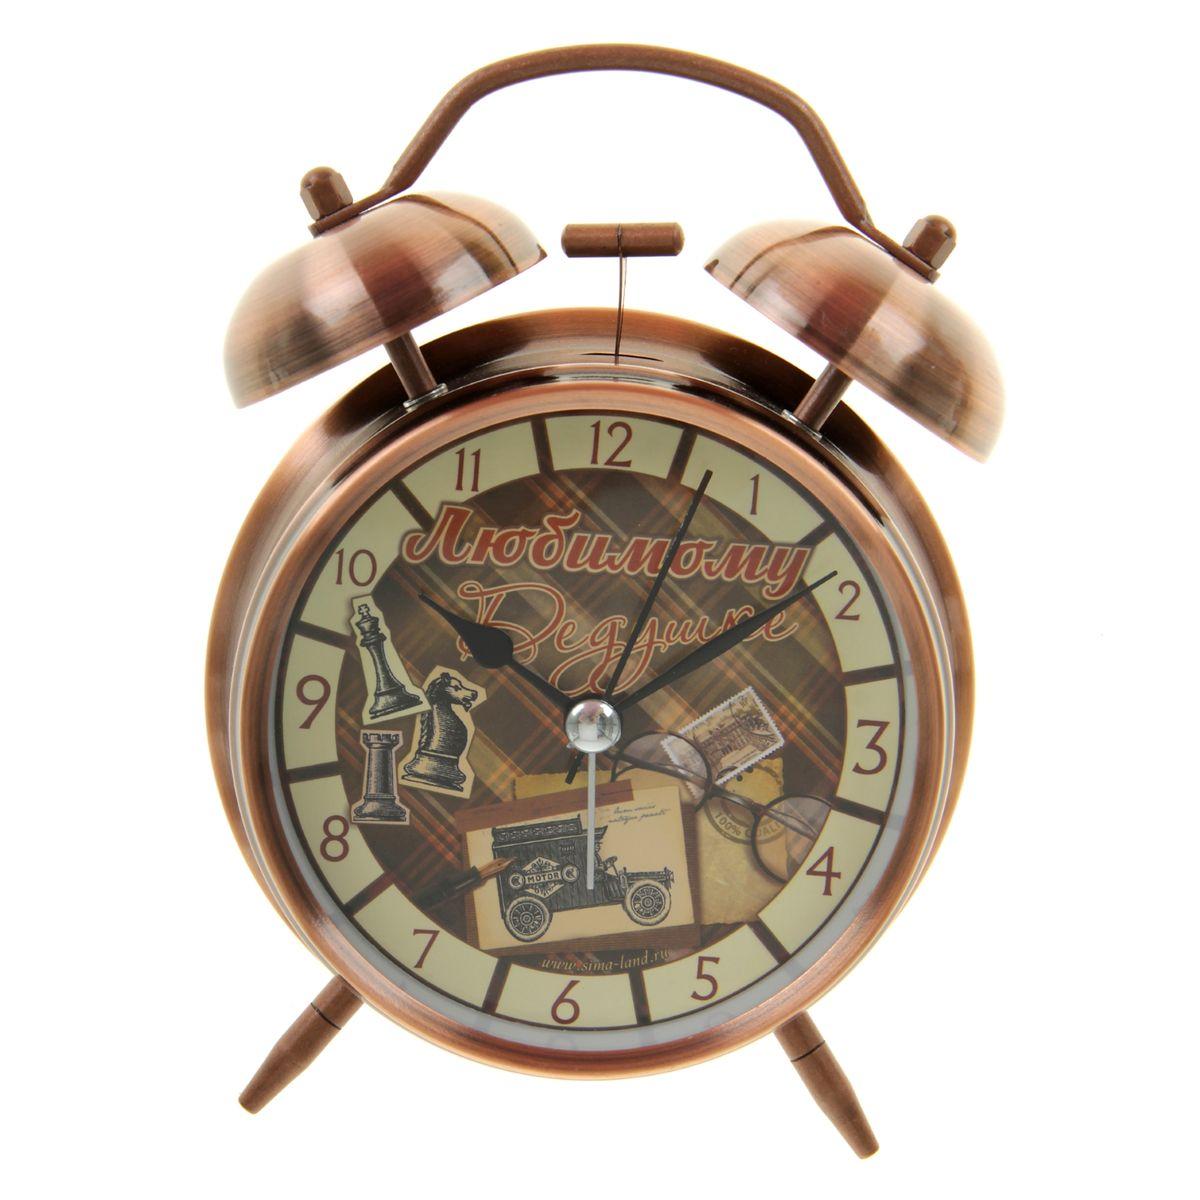 Часы-будильник Sima-land Любимому дедушке699315Как же сложно иногда вставать вовремя! Всегда так хочется поспать еще хотя бы 5минут и бывает, что мы просыпаем. Теперь этого не случится! Яркий, оригинальныйбудильник Sima-land Любимому дедушке в винтажном стиле поможет вам всегдавставать в нужноевремя и успевать везде и всюду. Корпус будильника выполнен из металла. Циферблат оформлен изображениемоткрыток и шахмат и надписью: Любимому дедушке, имеет индикациюарабскими цифрами. Часы снабжены 4 стрелками (секундная, минутная, часовая идля будильника). На задней панели будильника расположен переключательвключения/выключения механизма, а также два колесика для настройки текущеговремени и времени звонка будильника. Также будильник оснащенкнопкой, при нажатии и удержании которой подсвечивается циферблат. Пользоваться будильником очень легко: нужно всего лишь поставить батарейку,настроить точное время и установить время звонка.Необходимо докупить 1 батарейку типа АА (не входит в комплект).